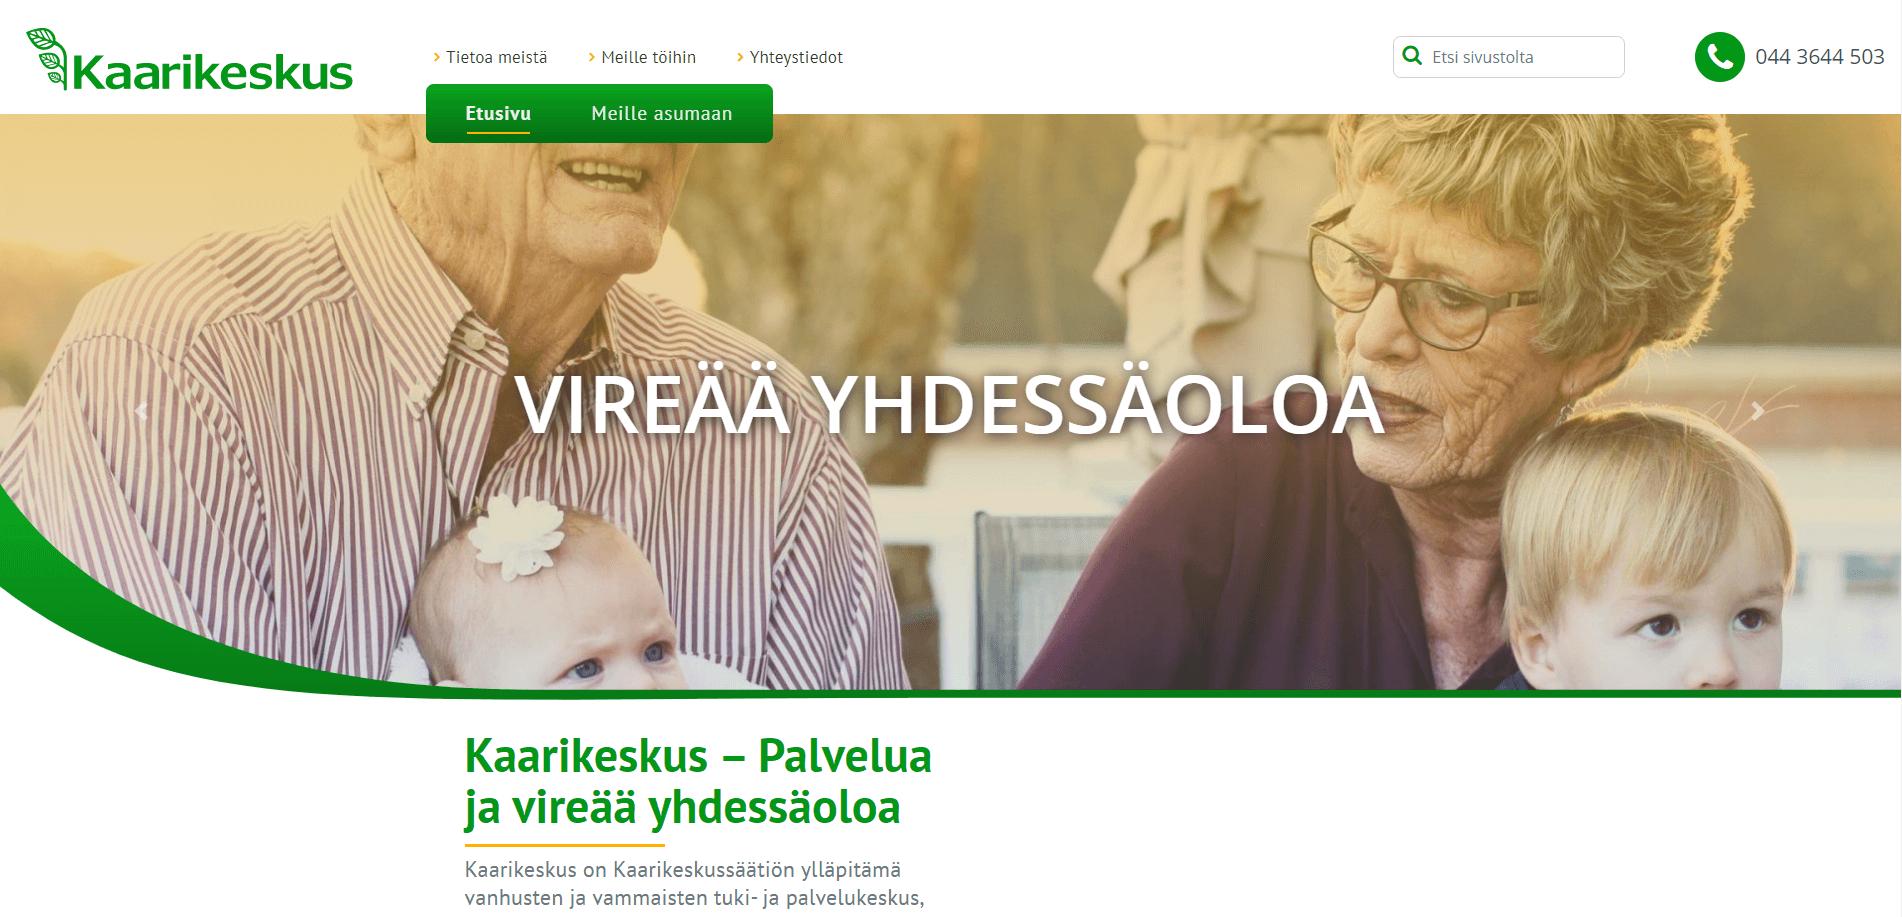 WordPress-kotisivut Kaarikeskukselle - Verkkovaraani